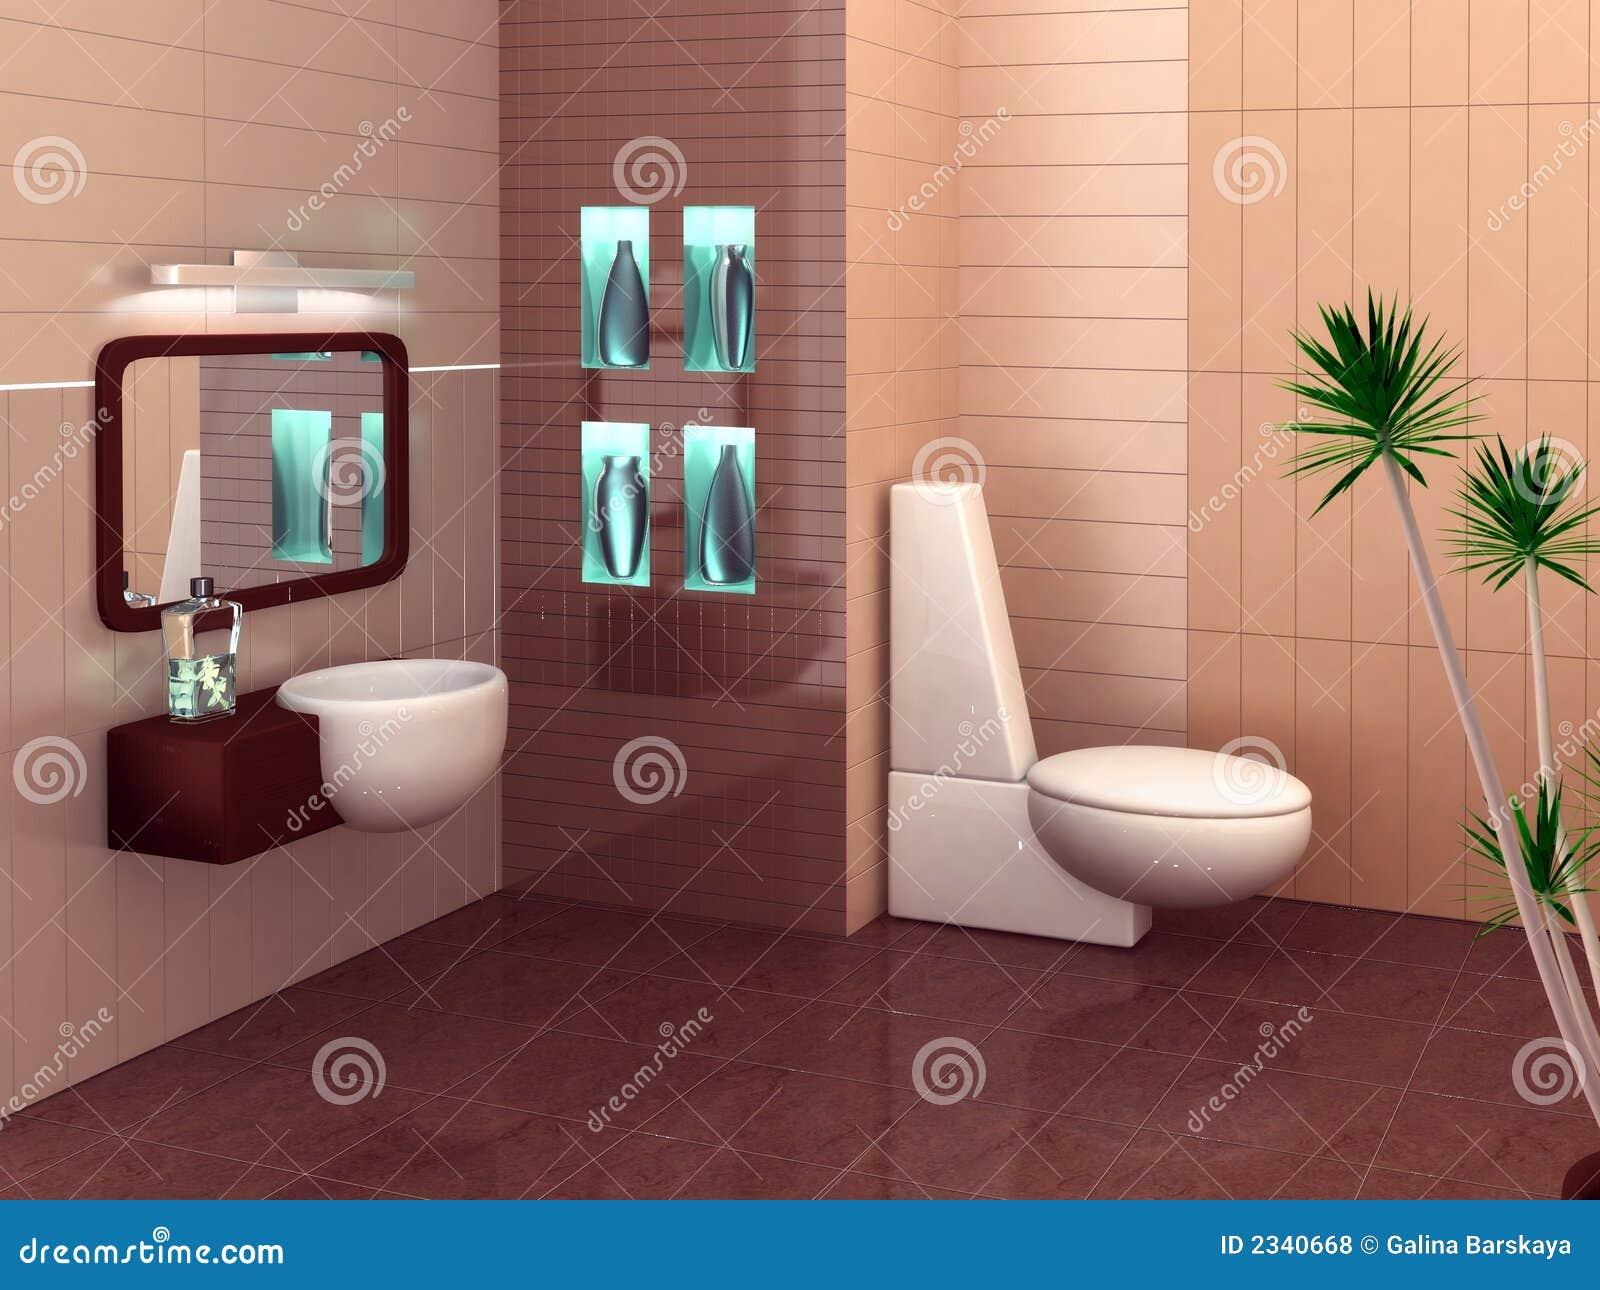 Photos libres de droits: Salle de bains moderne